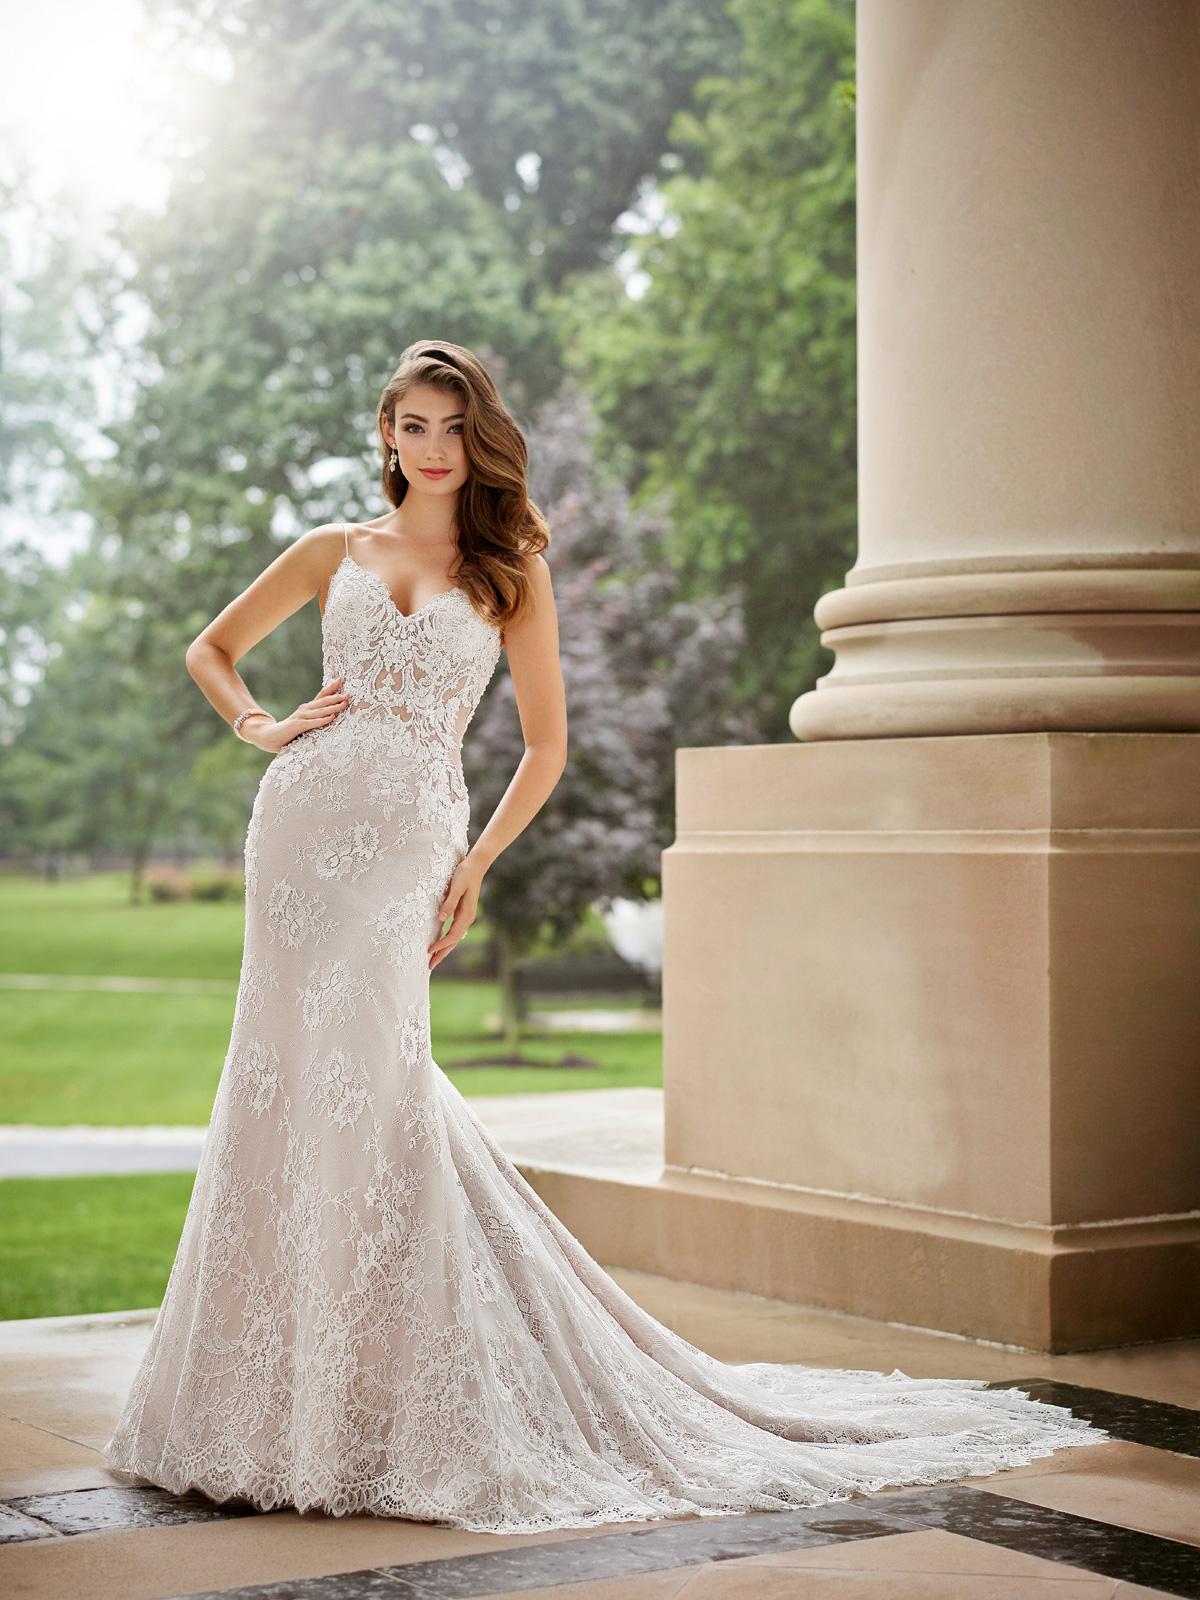 Vestido de Noivaestupendo confeccionado em renda chantily francesa rebordada levemente em pedrarias, corpo com transparência, corte reto e cauda média.